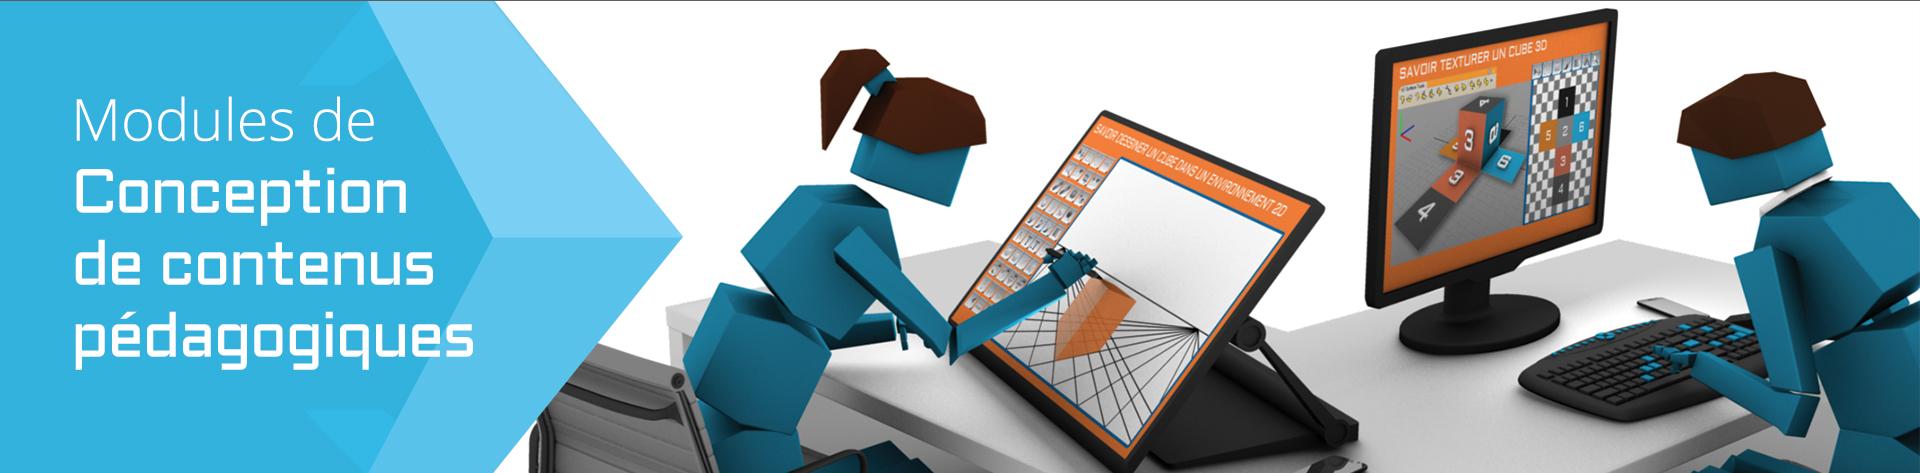 modules-conception-contenus-pedagogiques